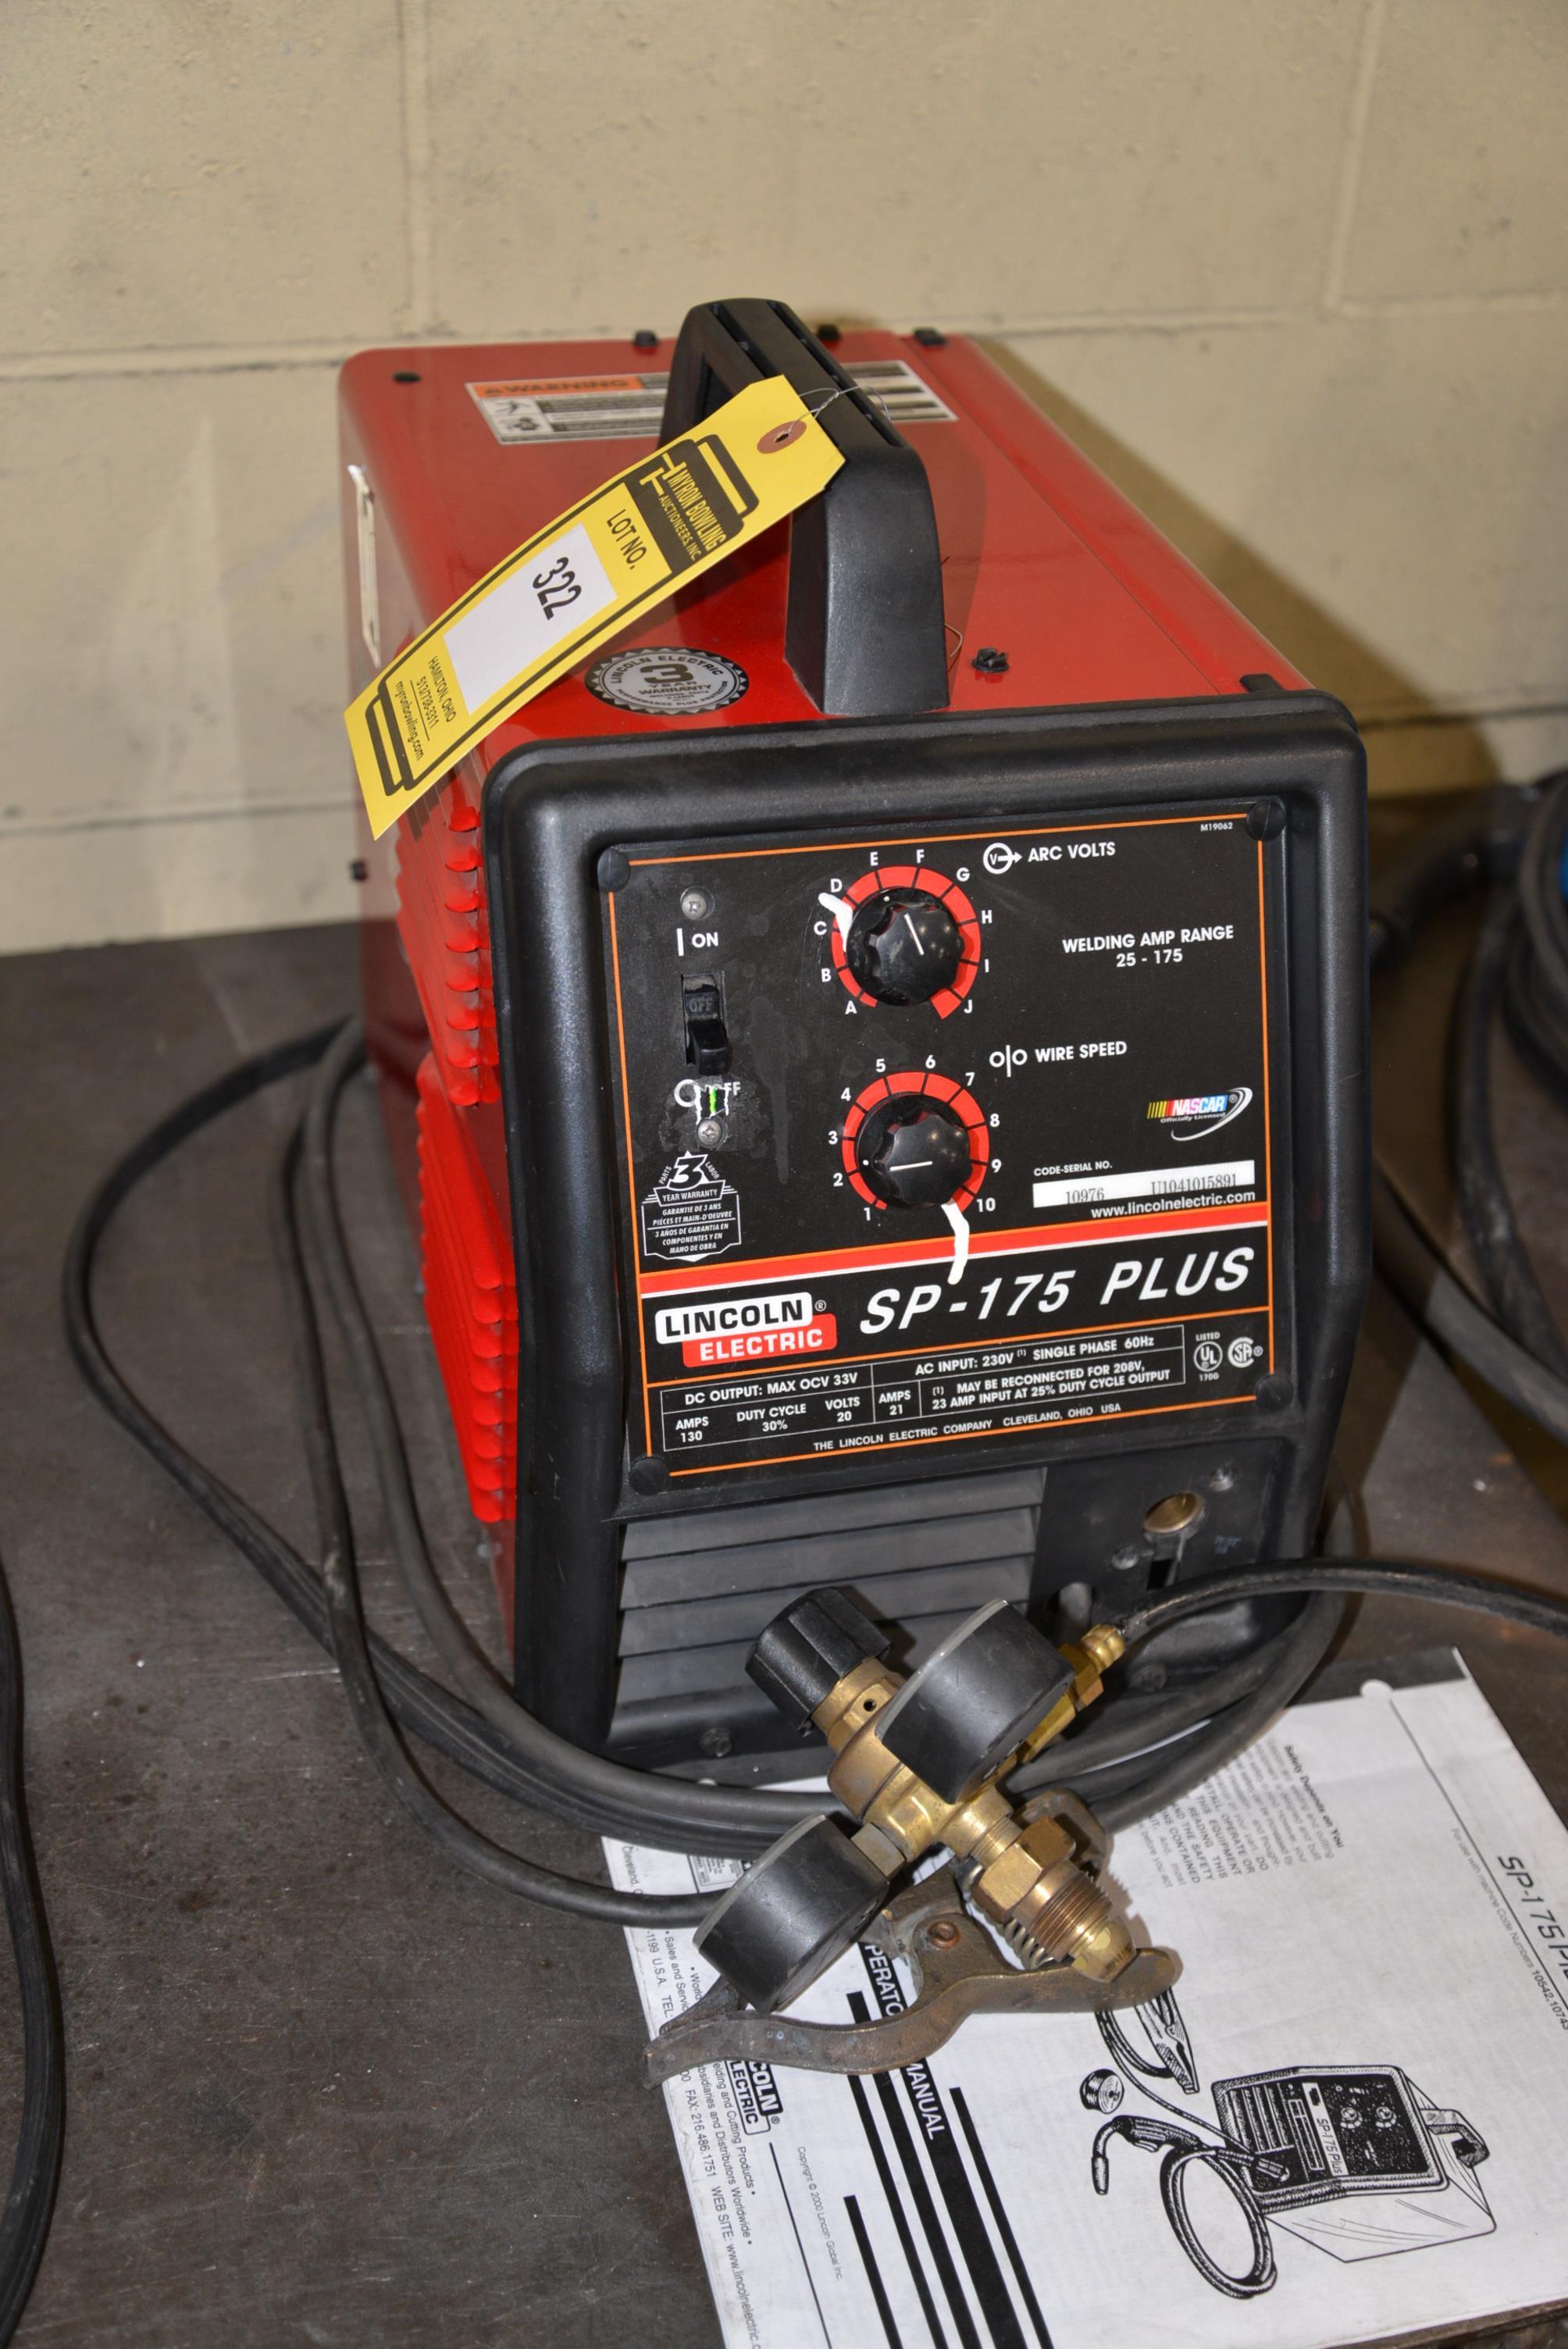 original thompson auction id welder plus en catalogue lincoln catalogues sp us mig auctioneers lot